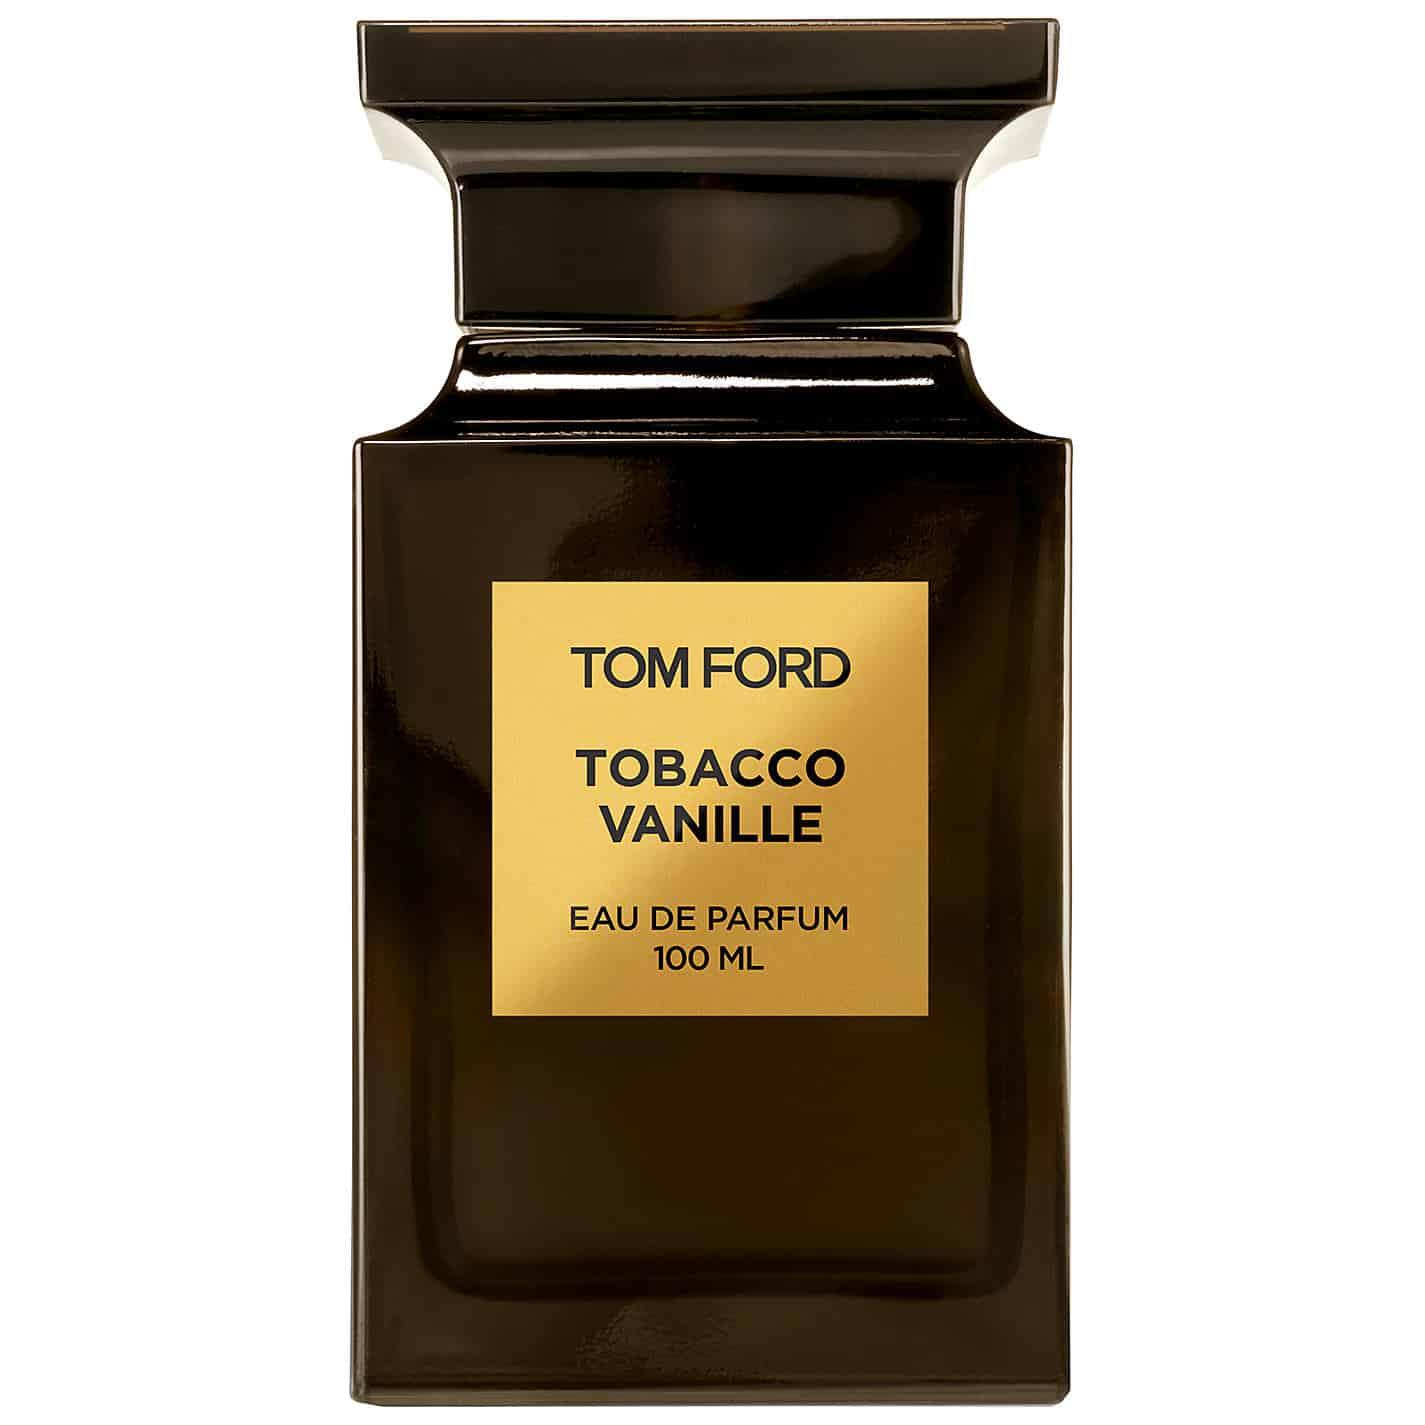 ادو پرفيوم Tom Ford مدل Tobacco Vanille حجم 100 ميلي ليتر |